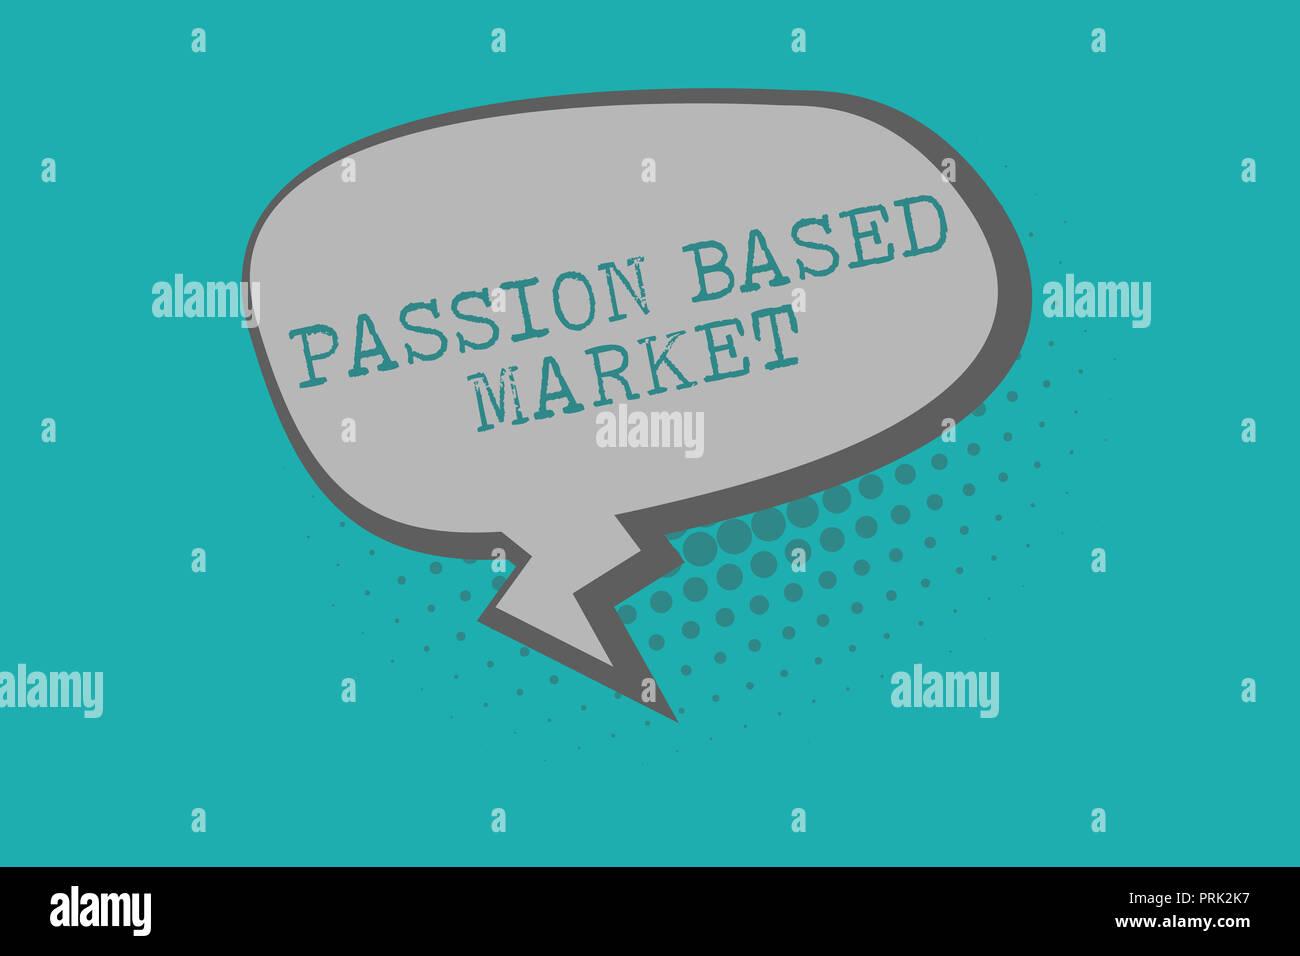 c74ecd9d9fb Escritura a mano Conceptual Mostrando pasión en el mercado. Foto y texto de  negocios canal de ventas emocional de una estrategia centrada en  Personalizar.